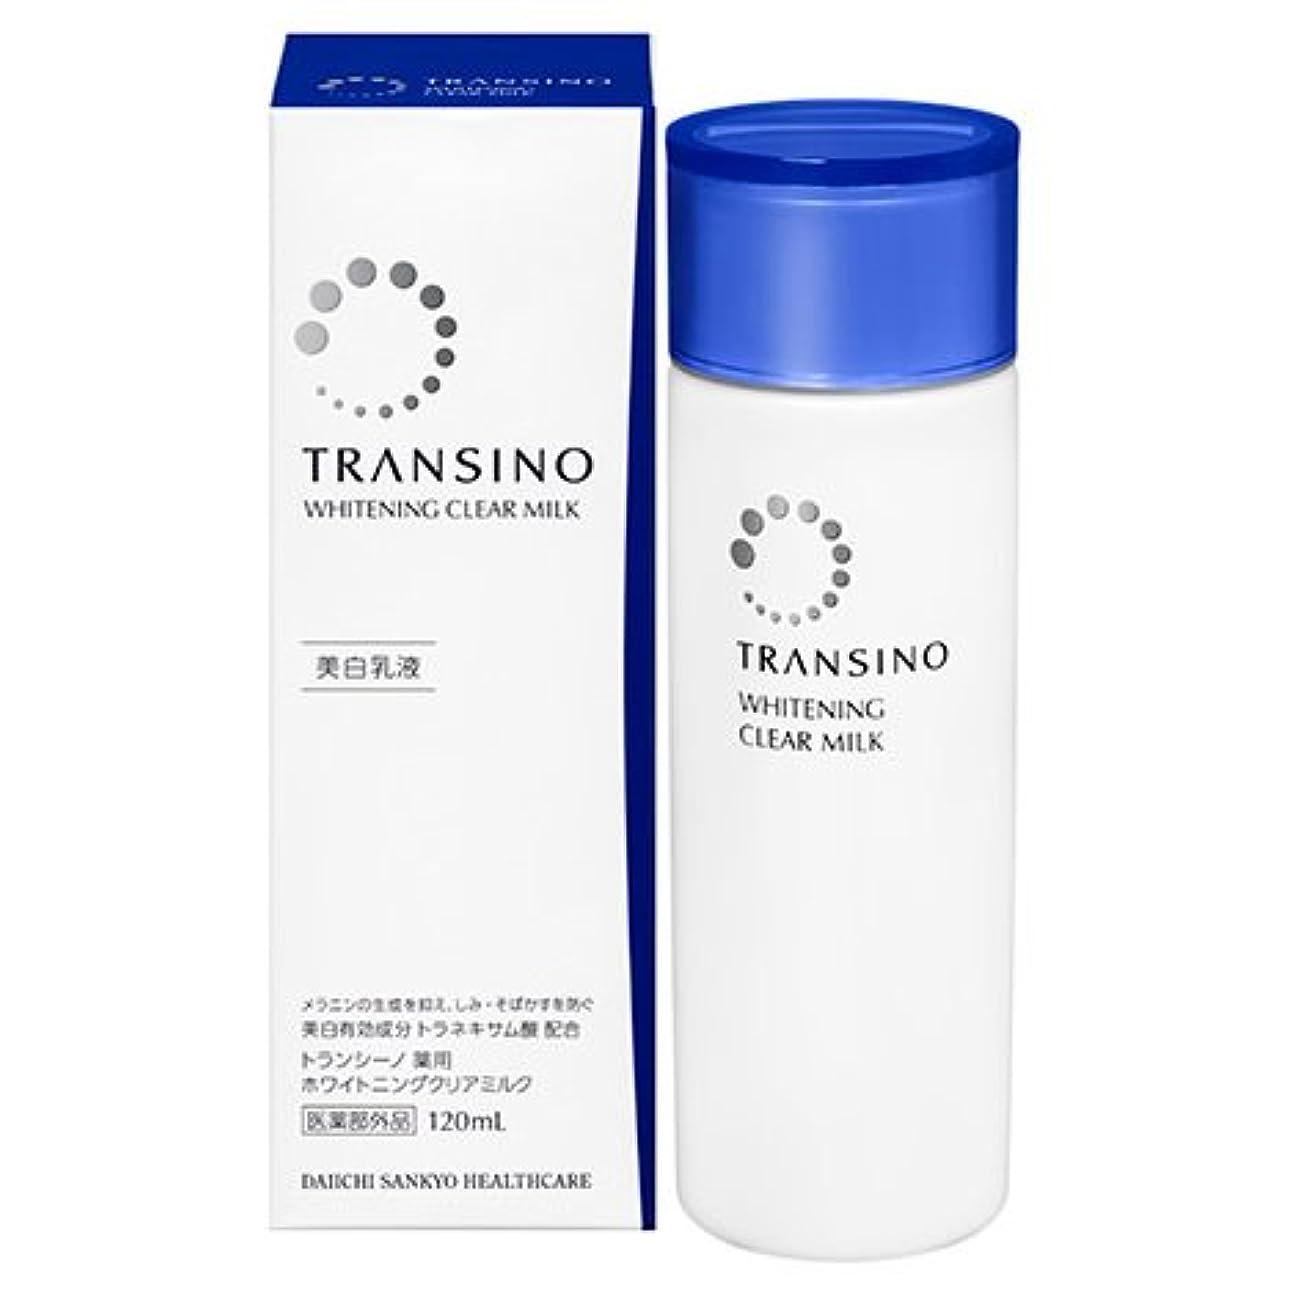 ショット入口和らげるトランシーノ 薬用ホワイトニングクリアミルク 120ml [並行輸入品]